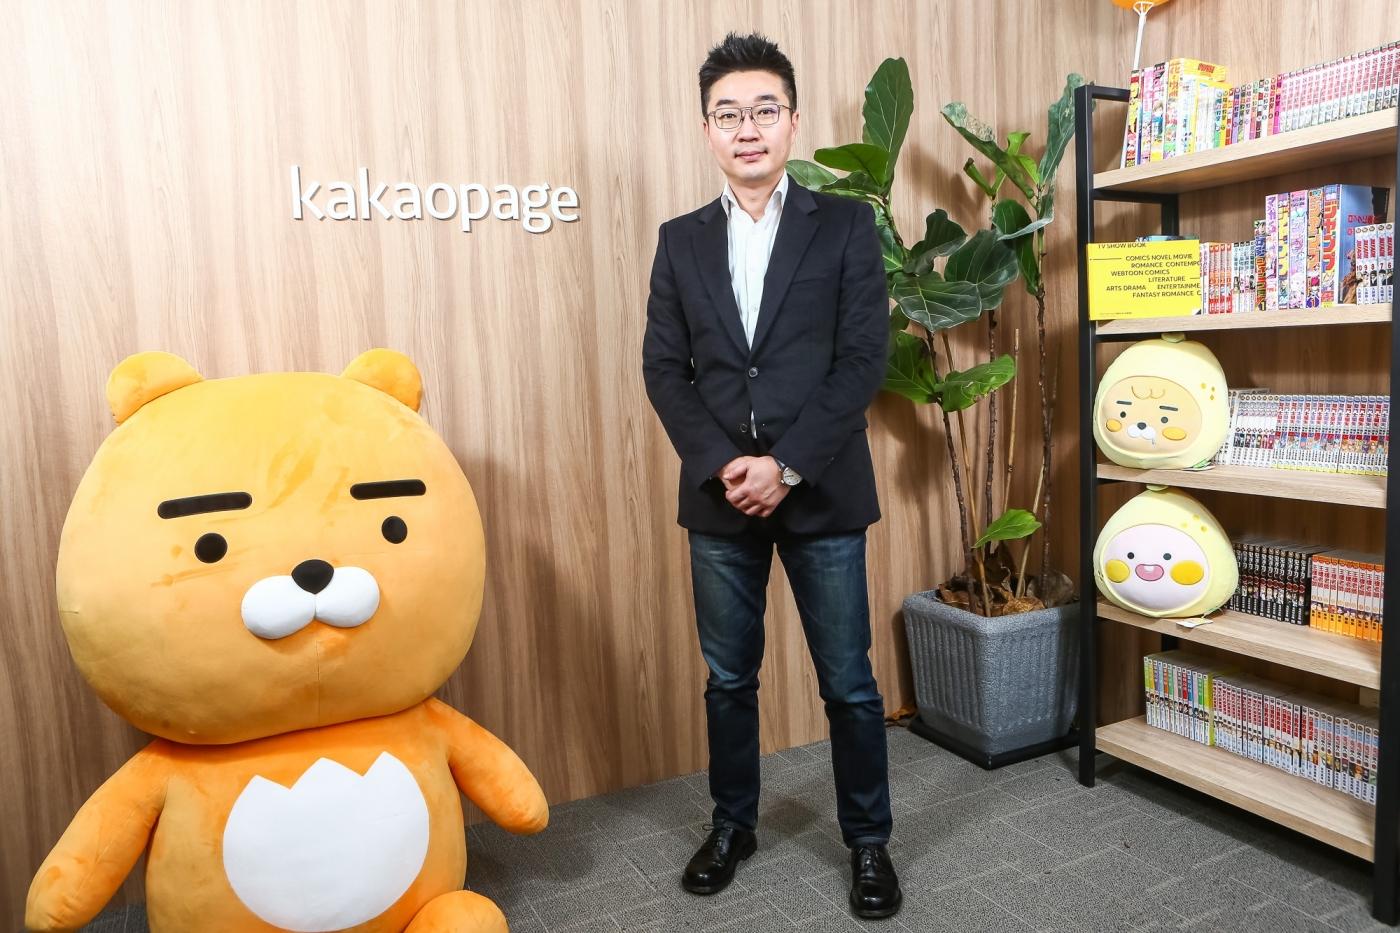 打造爆款IP《梨泰院Class》,韓國Kakao Page進軍台灣!但盜版猖獗的網漫市場如何突圍?